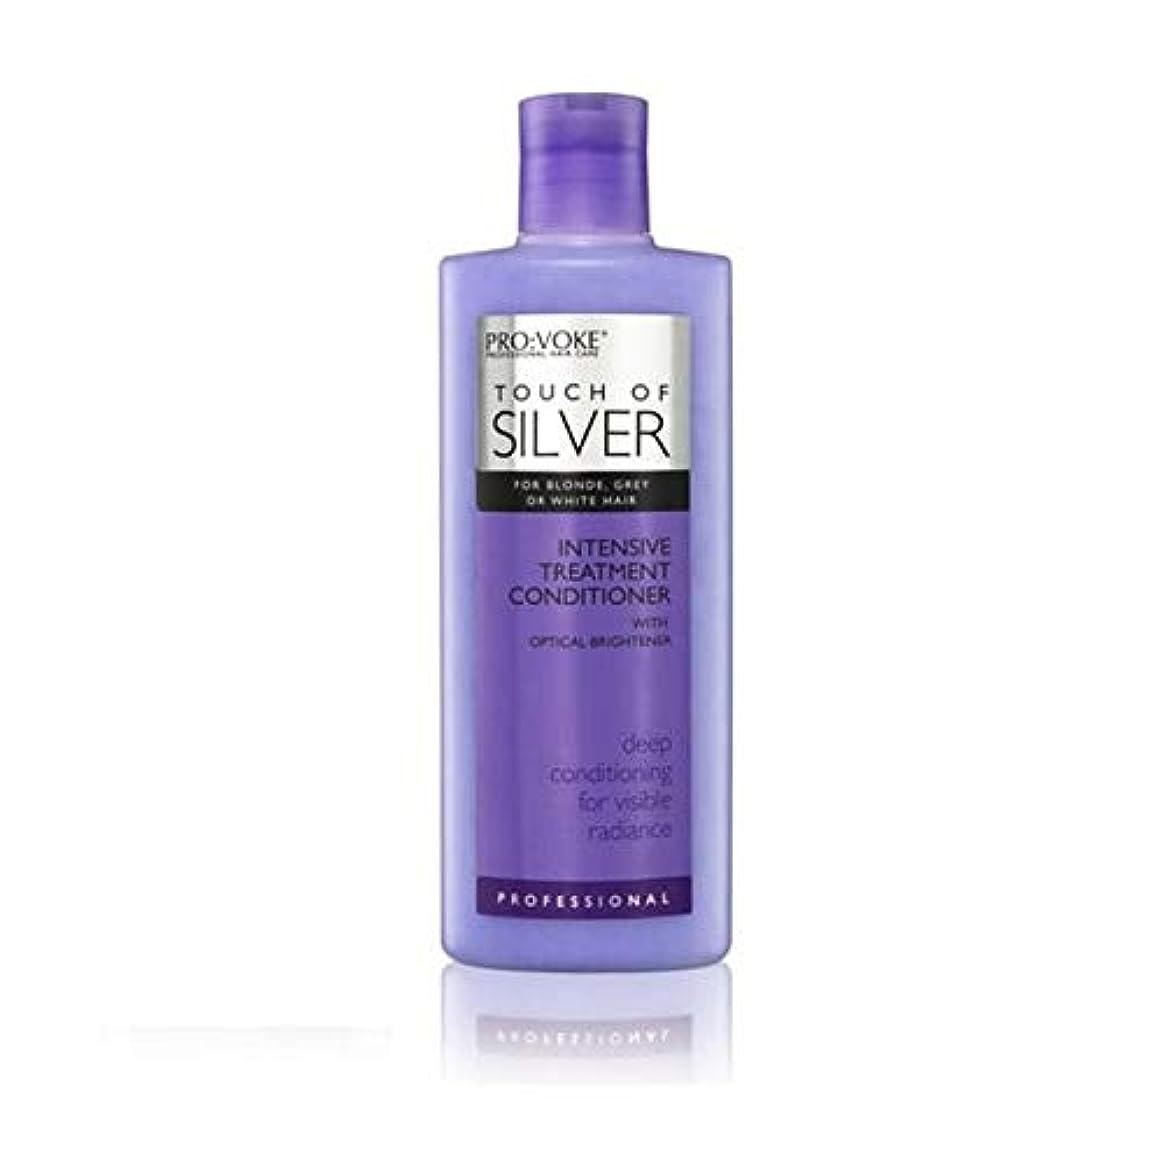 損傷時間とともに誘惑[Pro:Voke] プロ:銀の集中的な紫色のコンディショナー150ミリリットルのVokeタッチ - PRO:VOKE Touch Of Silver Intensive Purple Conditioner 150ml...